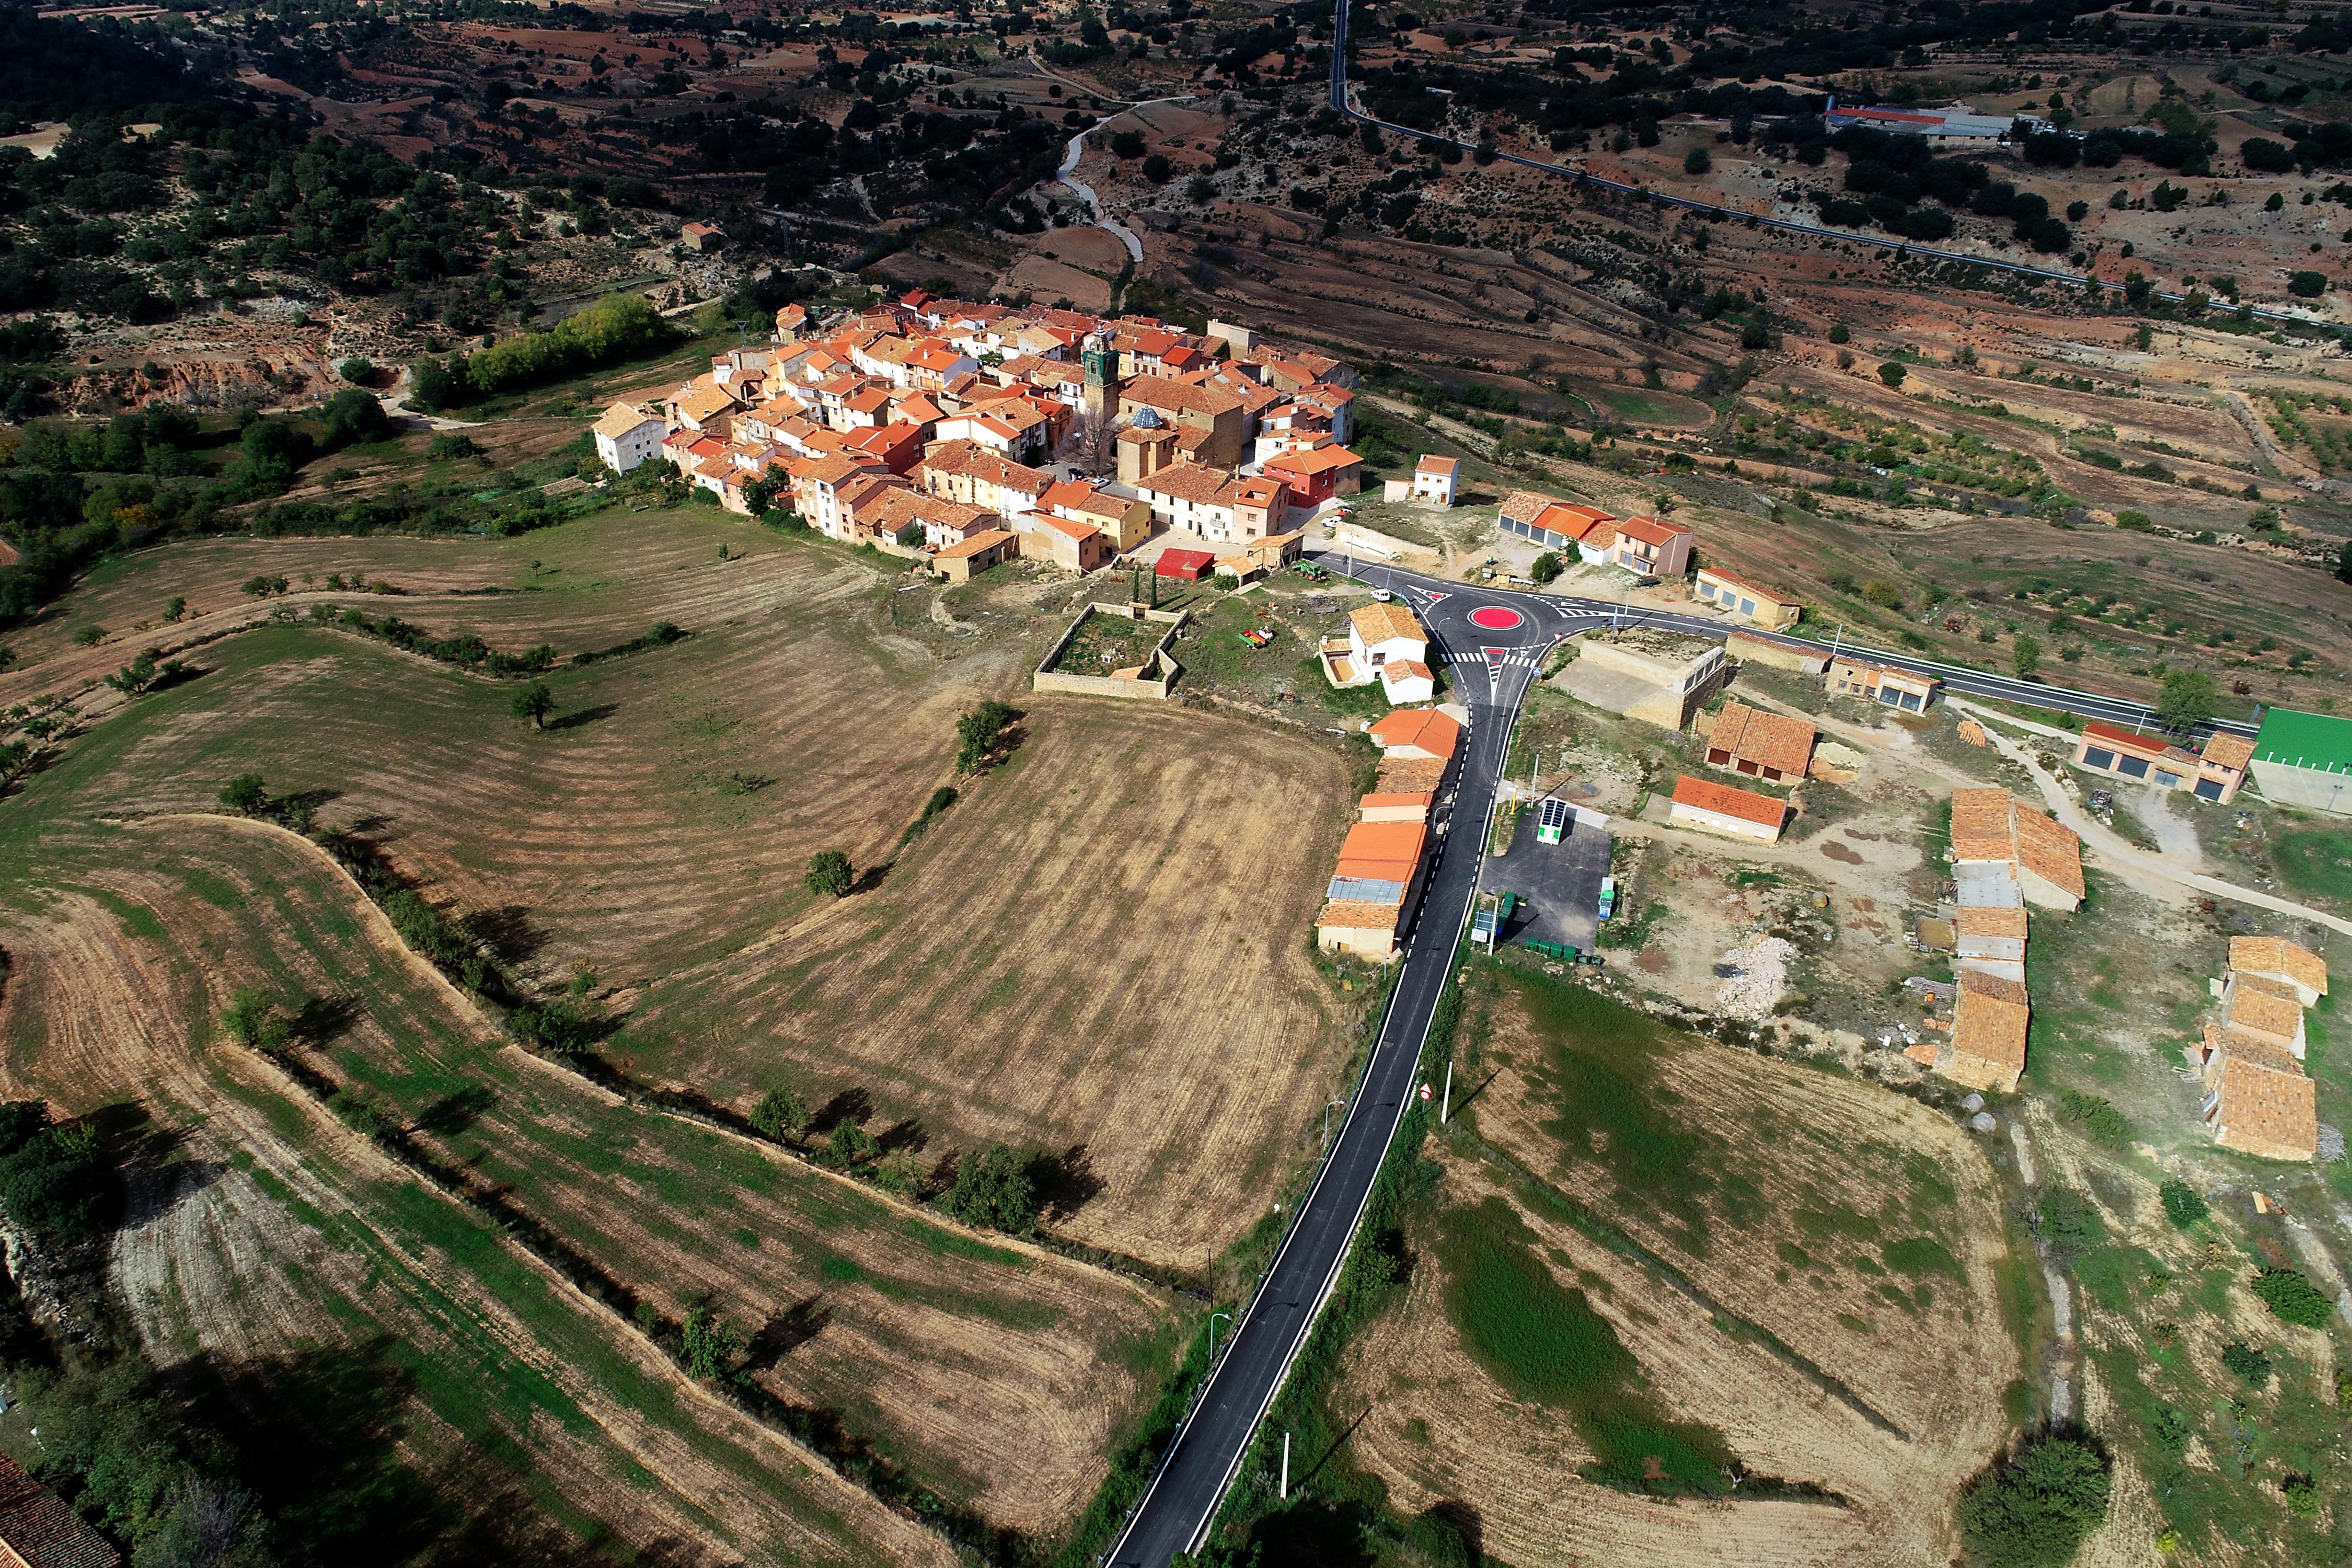 El Diputado Pablo Seguí destaca que los 4,5 millones de euros invertidos en las carreteras del Rincón demuestran la apuesta de la institución por vertebrar el territorio y por luchar contra la despoblación